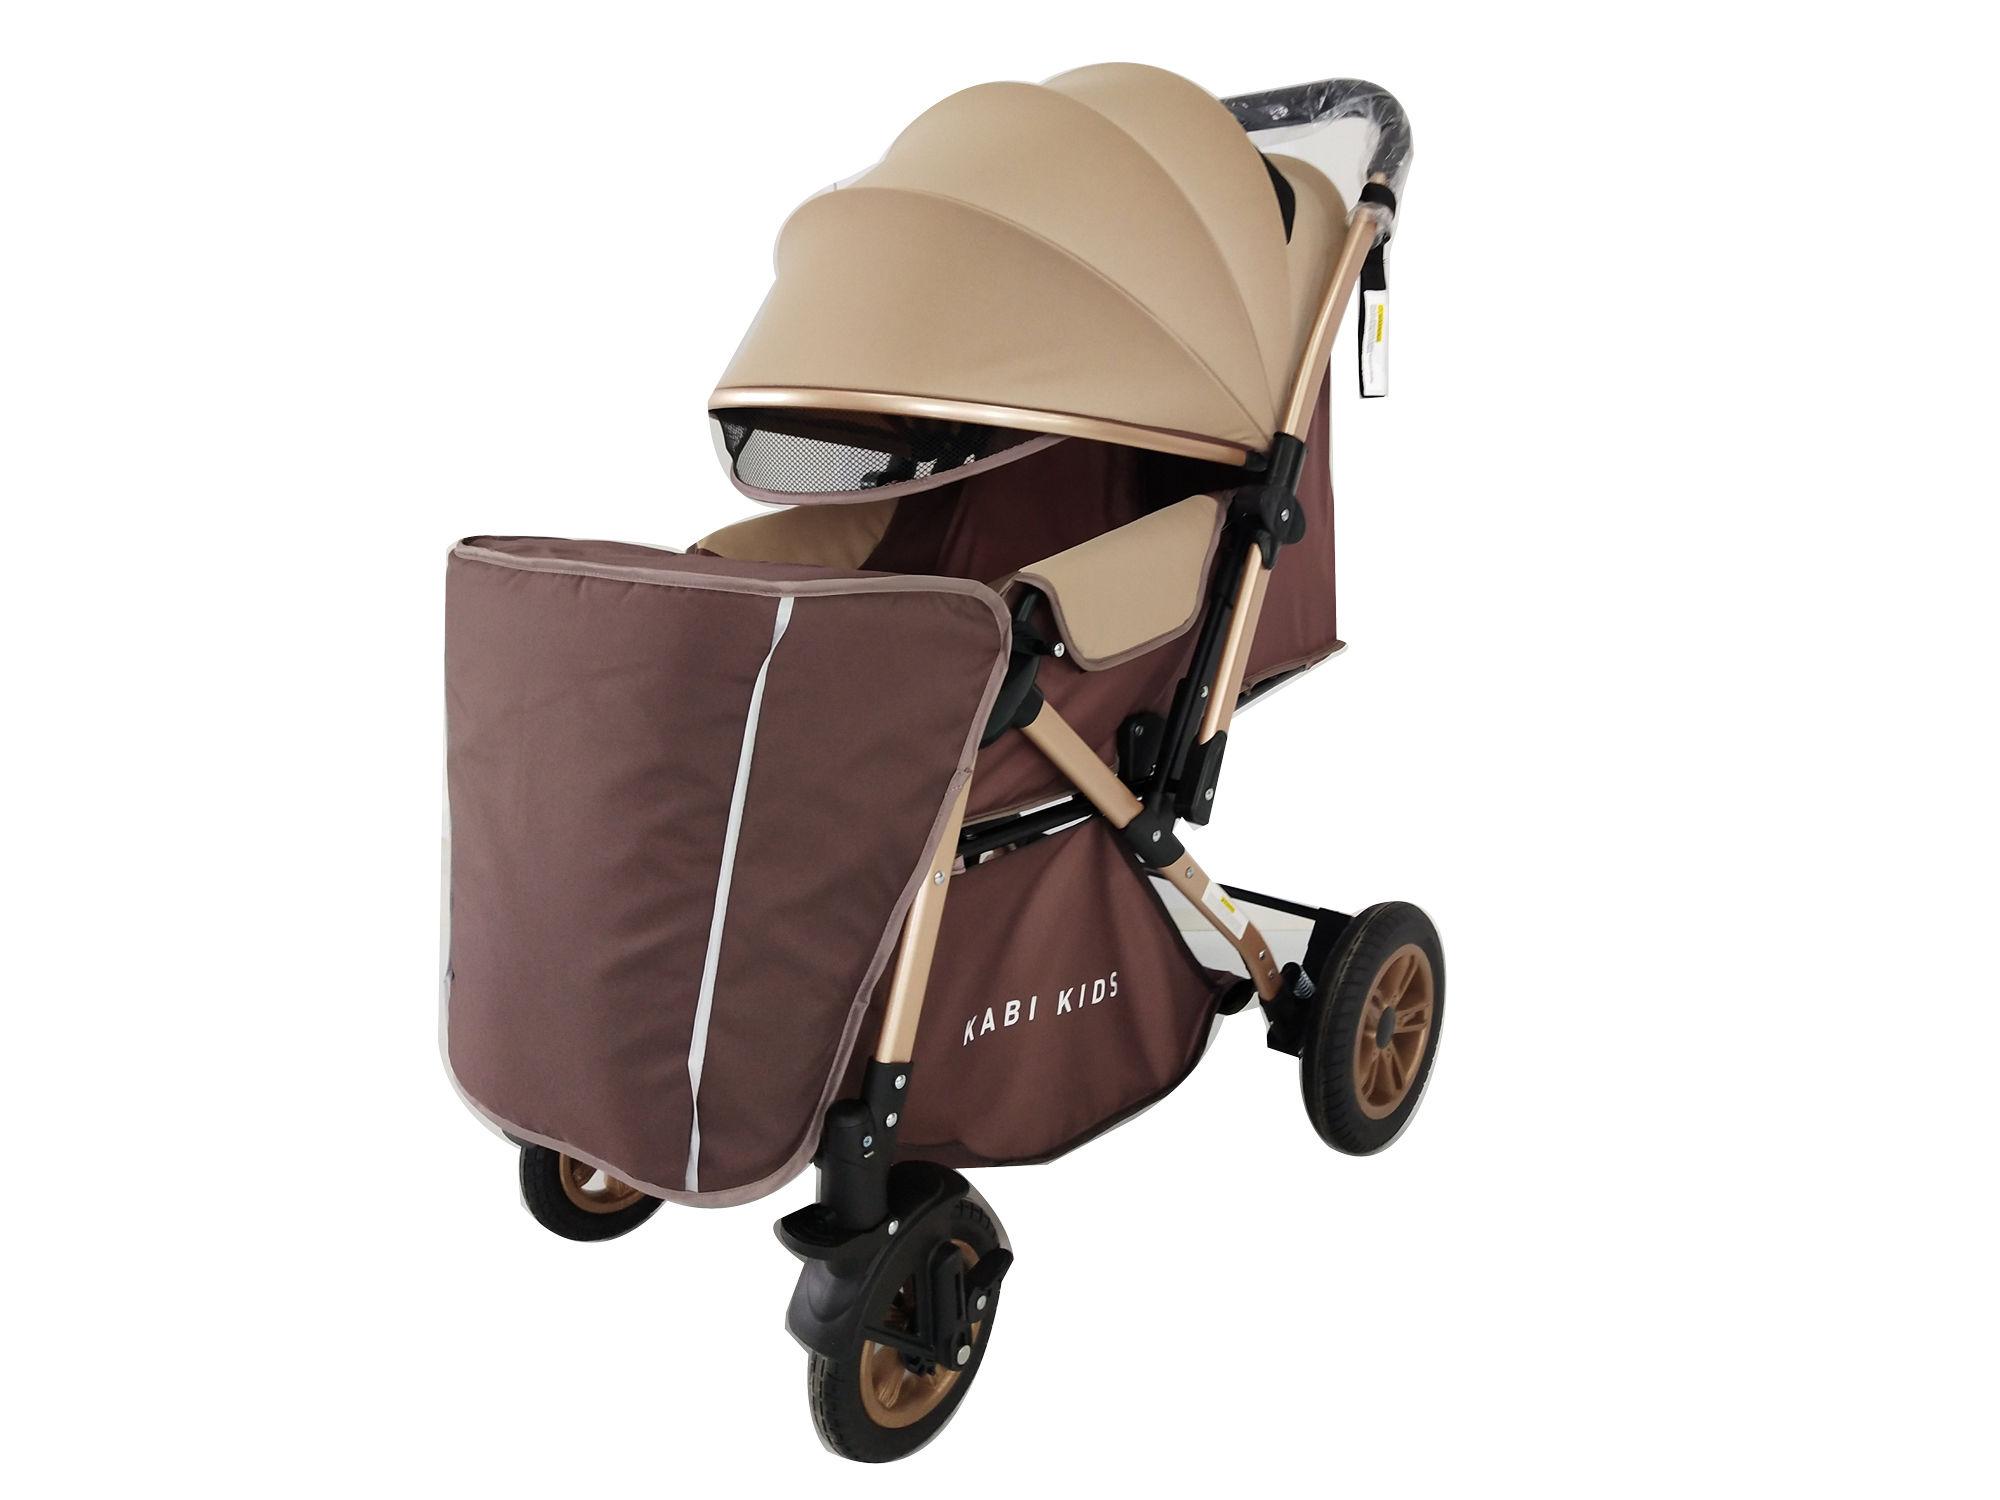 Xe đẩy trẻ em Kabi Kids Baby II